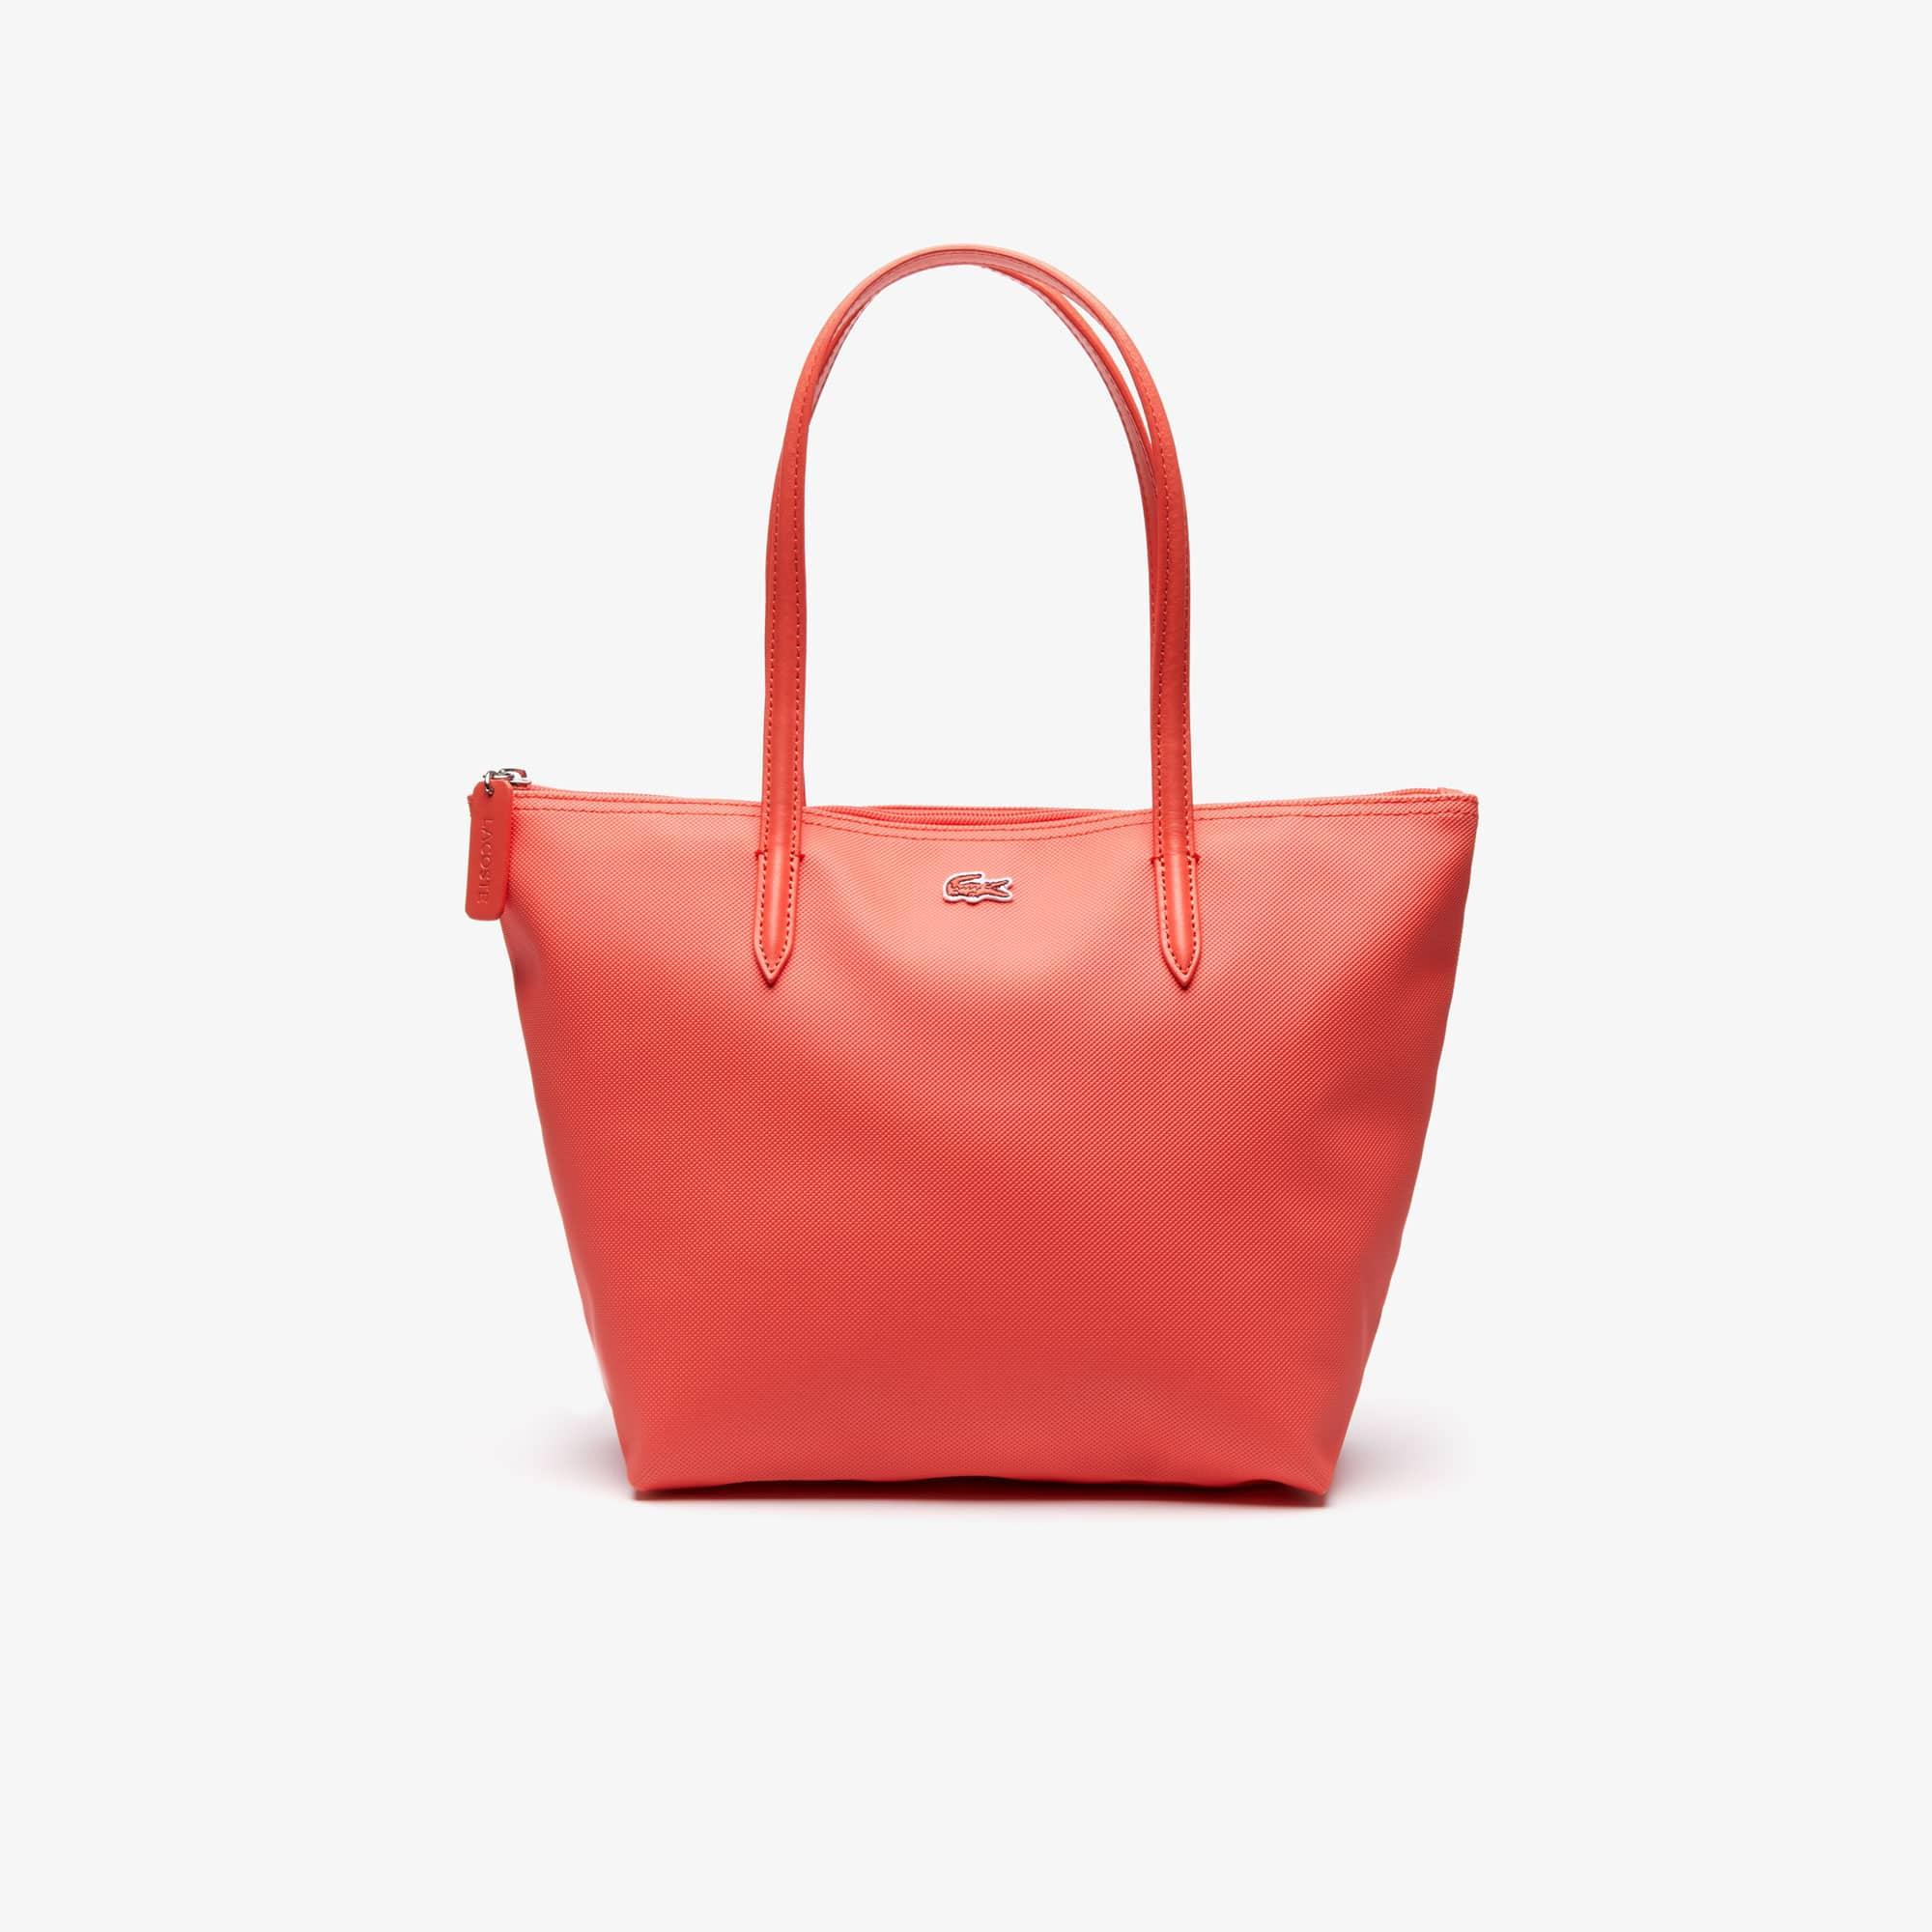 d1e9d9ec55 Sacs à main cuir, sacs cabas | Maroquinerie femme | LACOSTE